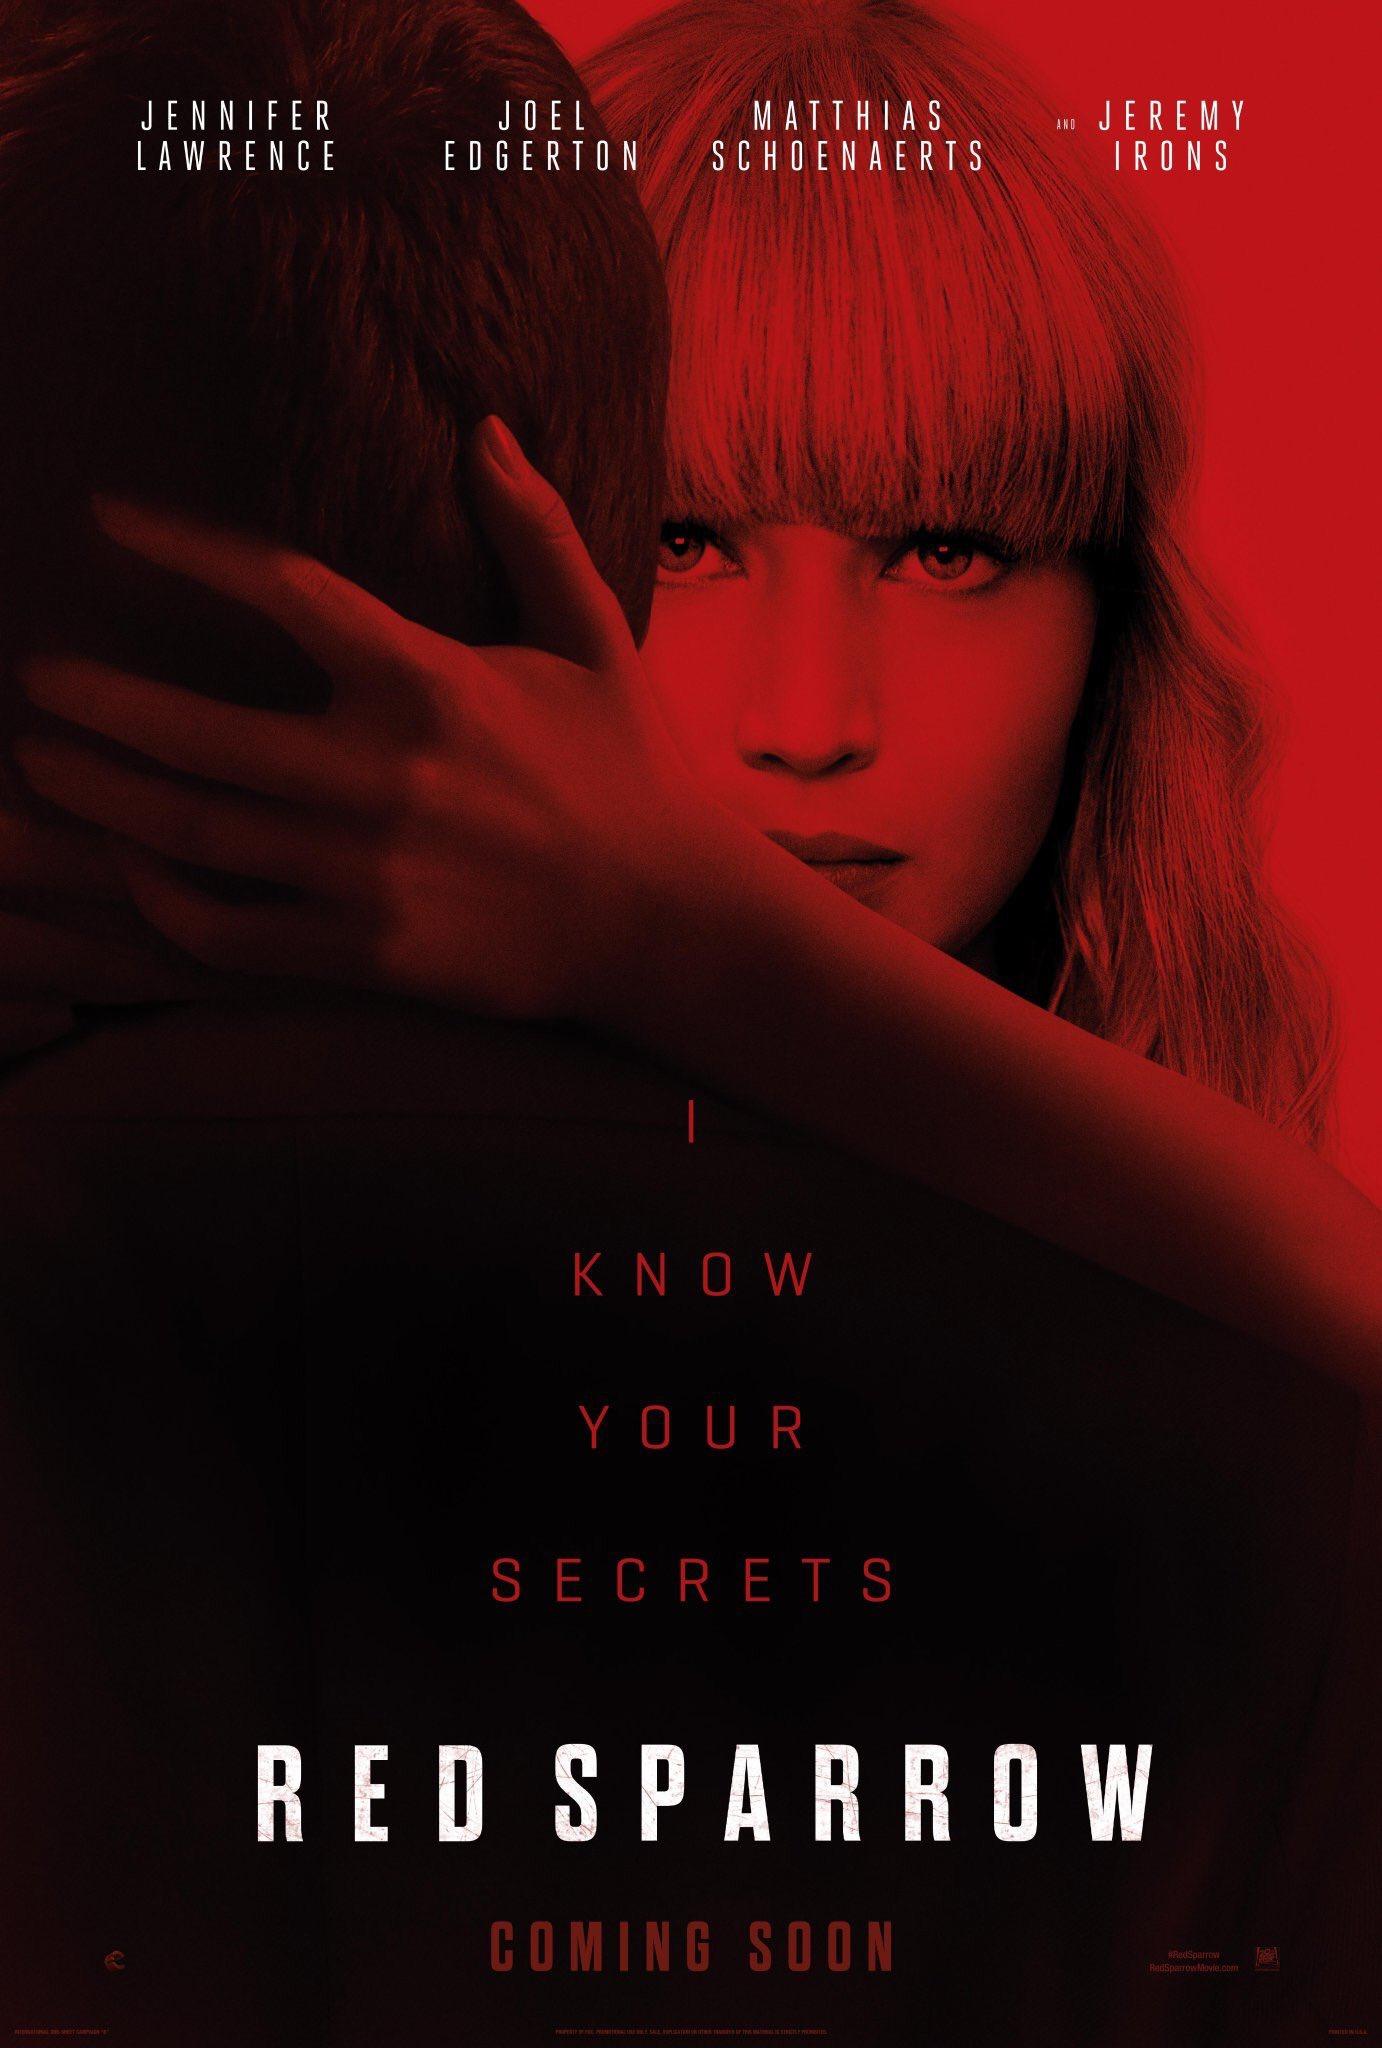 плакат фильма постер Красный воробей